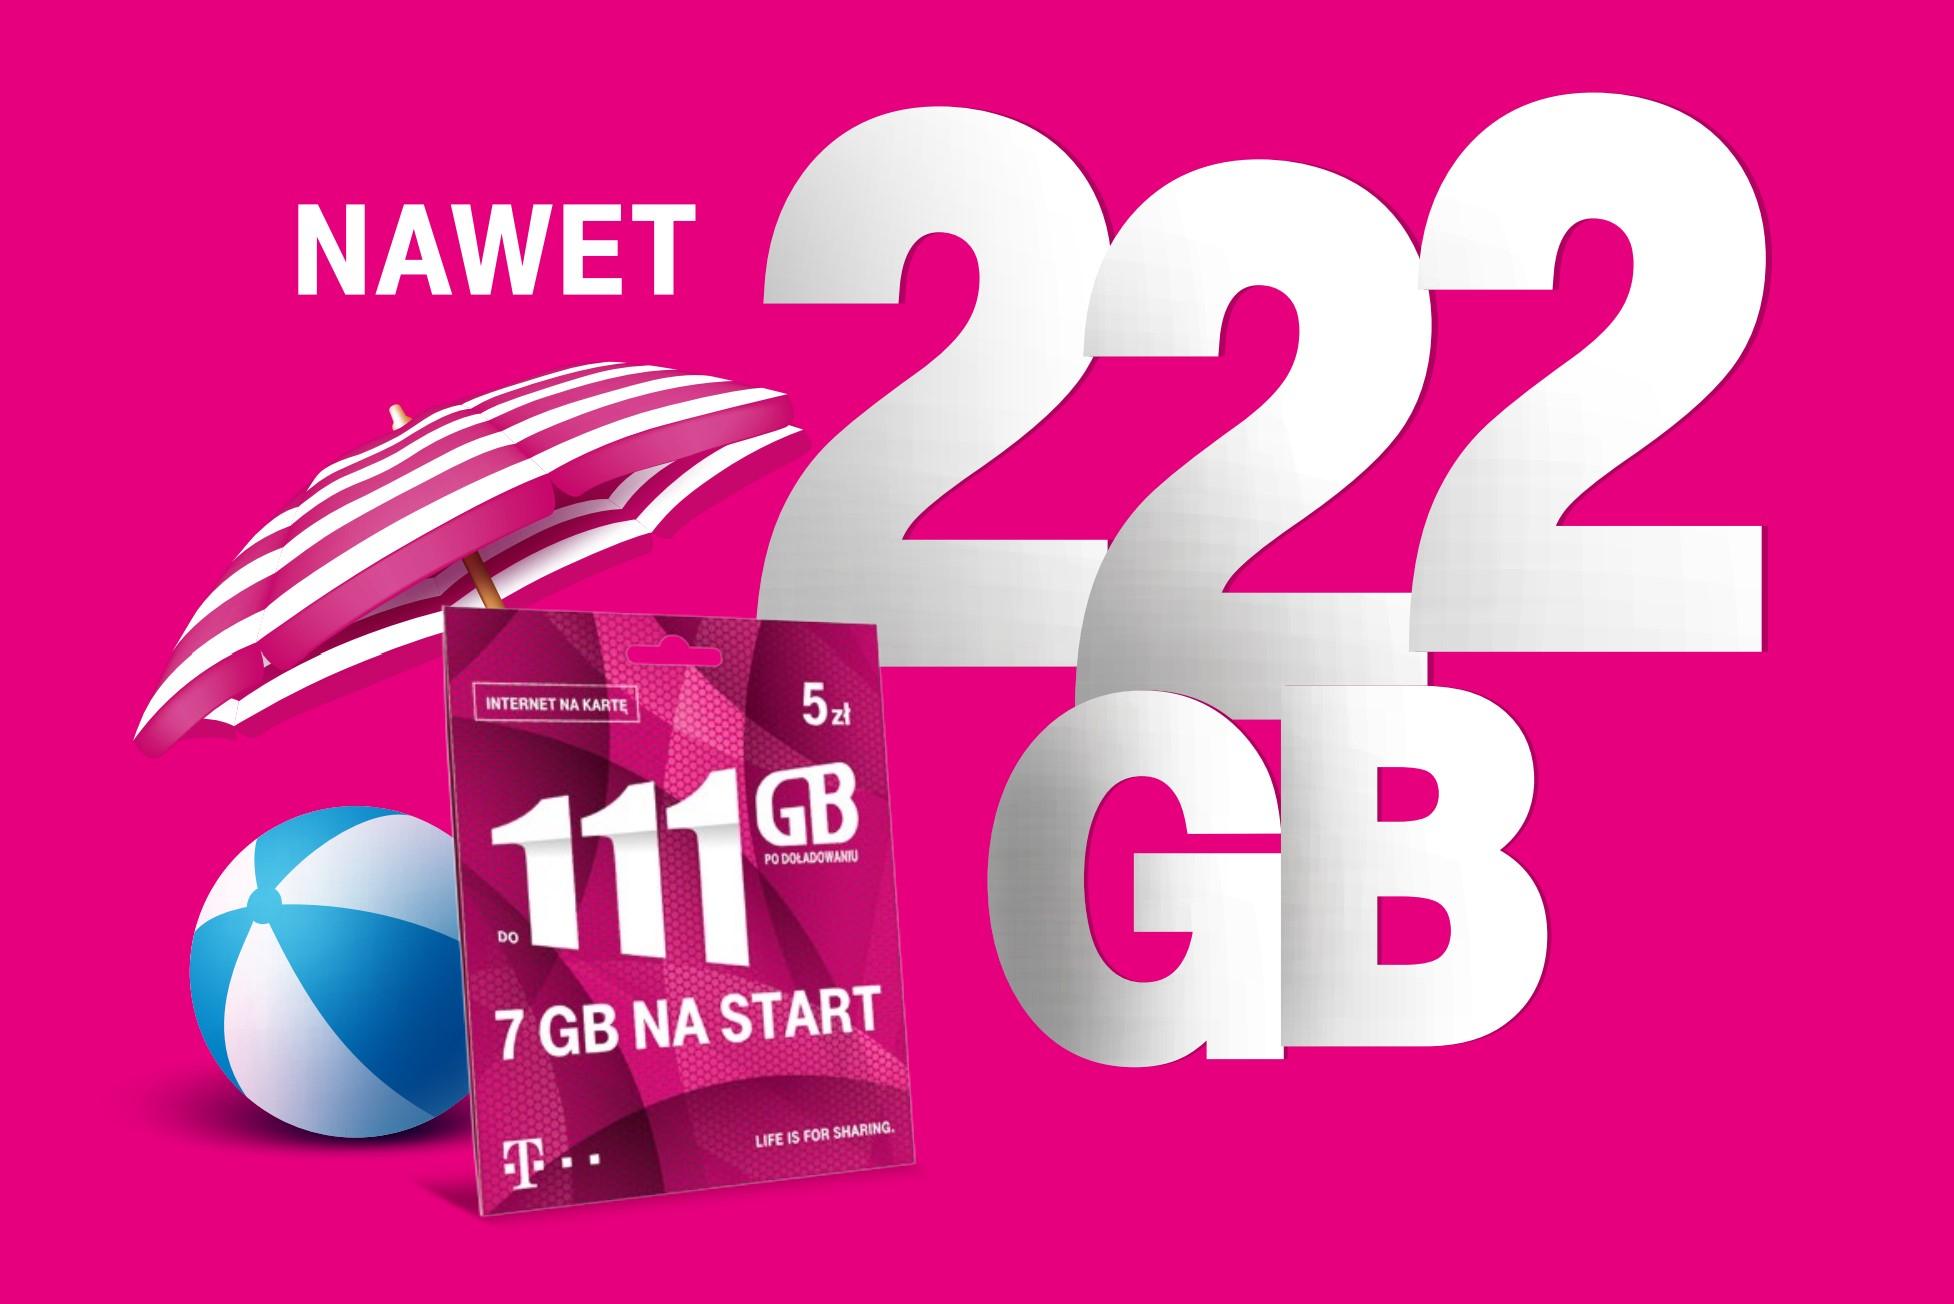 T-Mobile podwaja bonusy po doładowaniu w internecie na kartę - do zgarnięcia nawet 222 GB